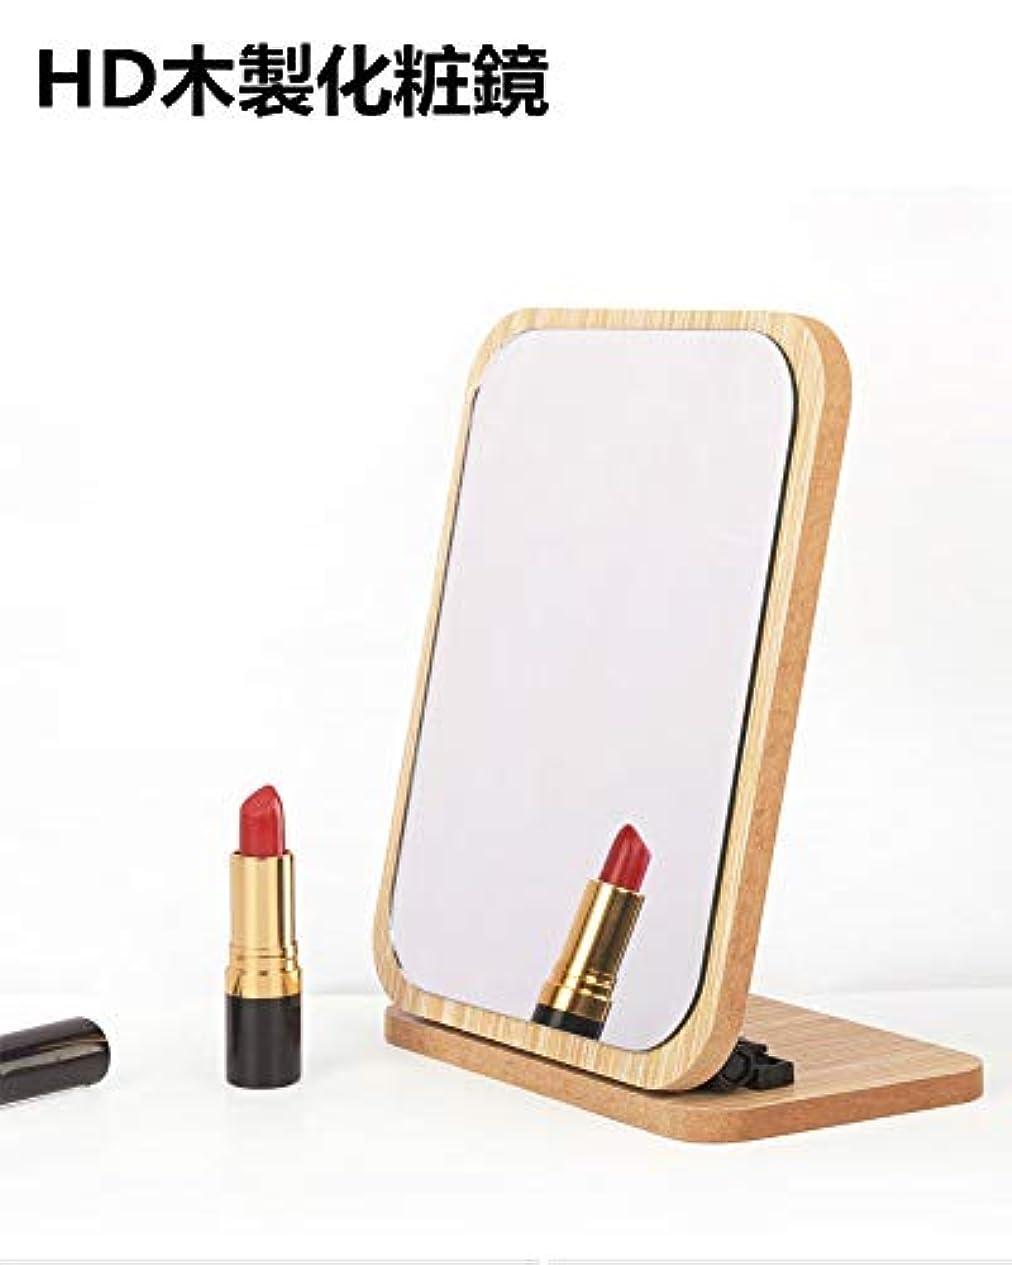 磁器凍結権限を与える鏡 卓上 化粧鏡 ウッドスタンドミラー 木目 HD木製化粧鏡 90度回転 角度調整 折りたたみ式